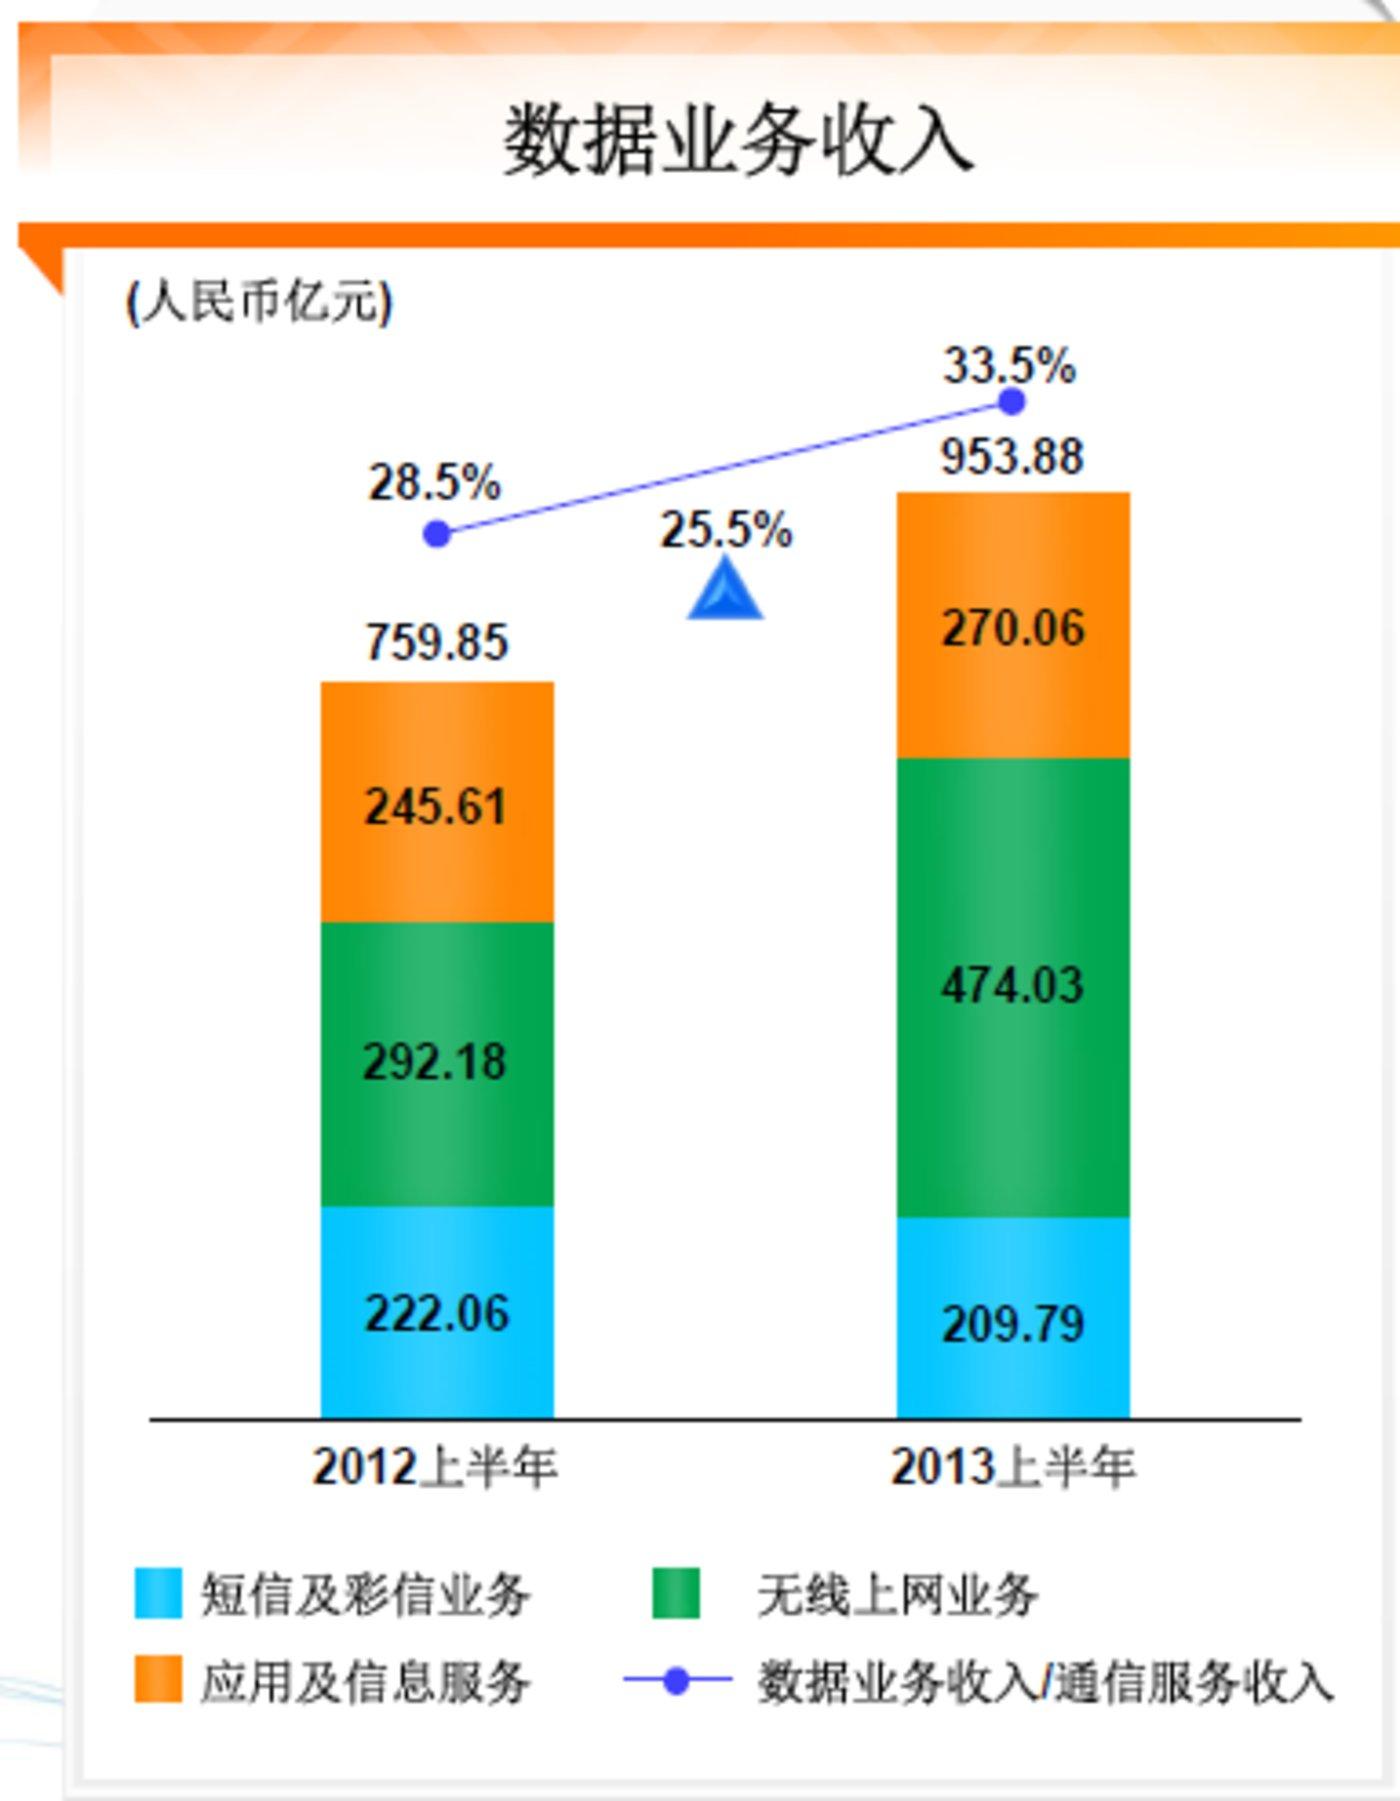 中国移动2013年半年报关键数据分析